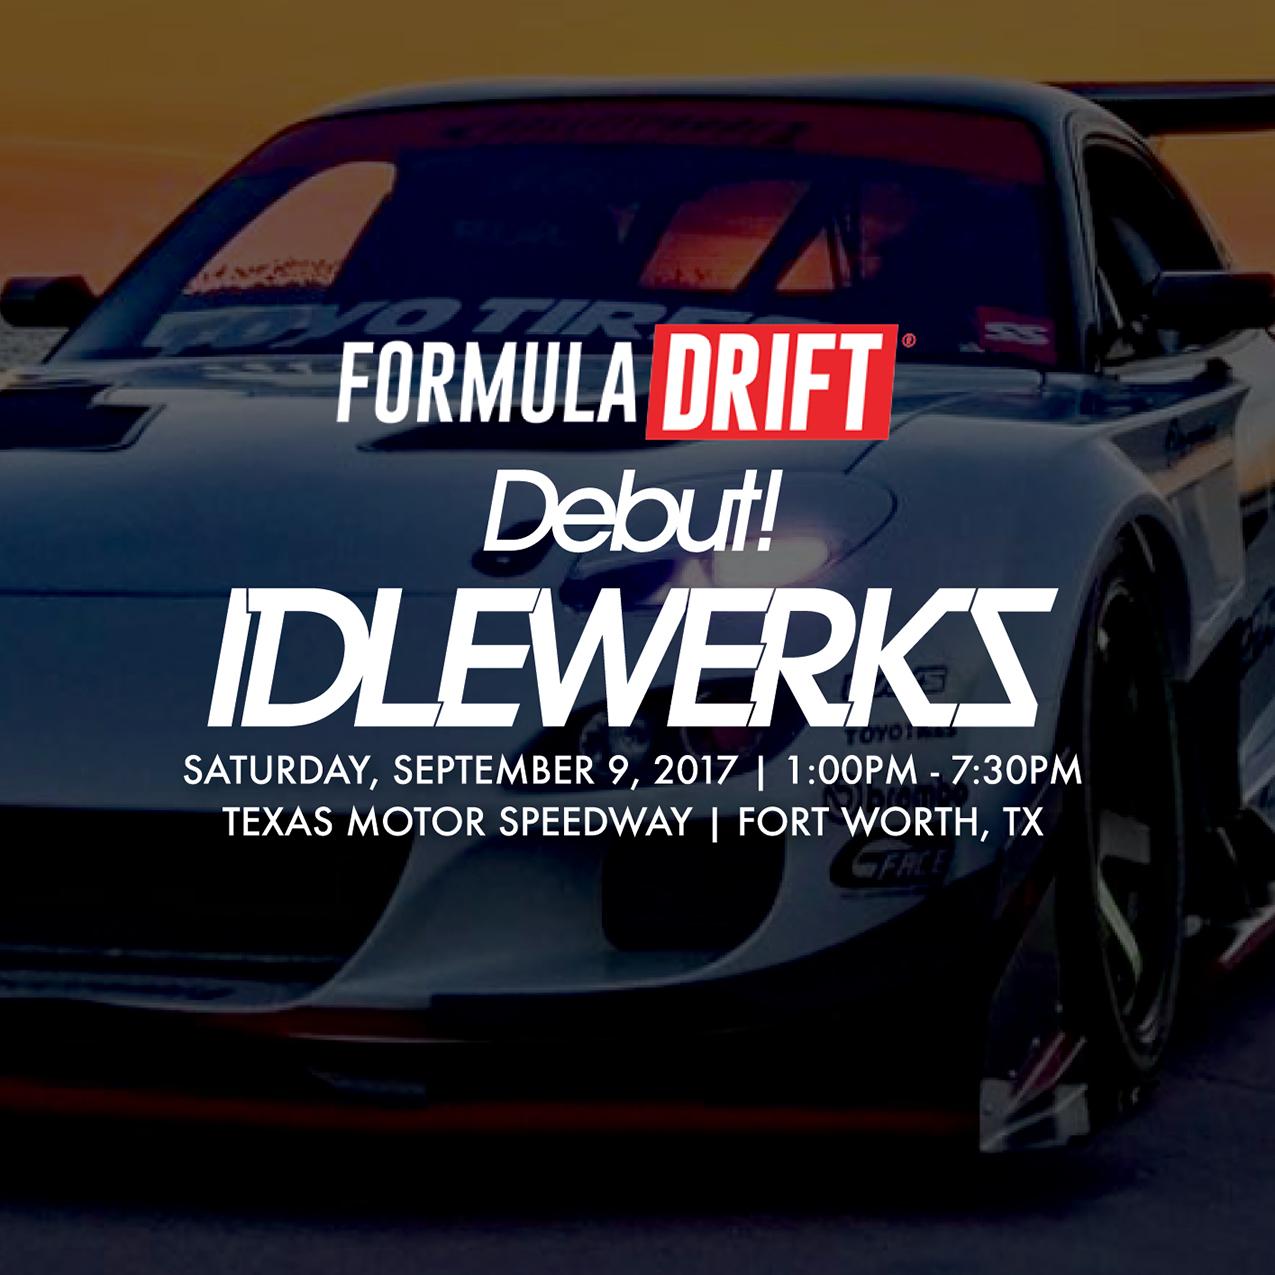 FORMULA DRIFT X IDLEWERKS Car Show At Texas Motor Speedway Formula - Texas motor speedway car show